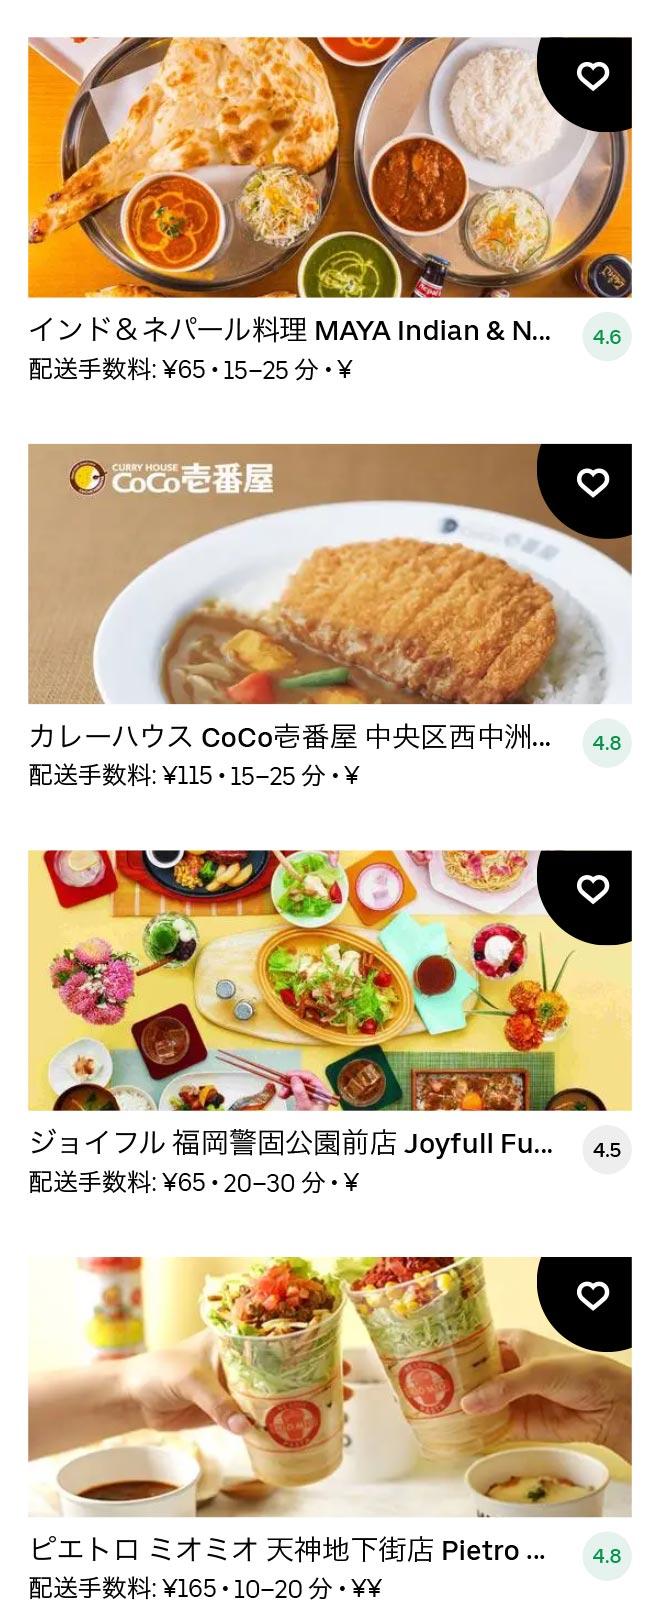 Akasaka menu 2101 07